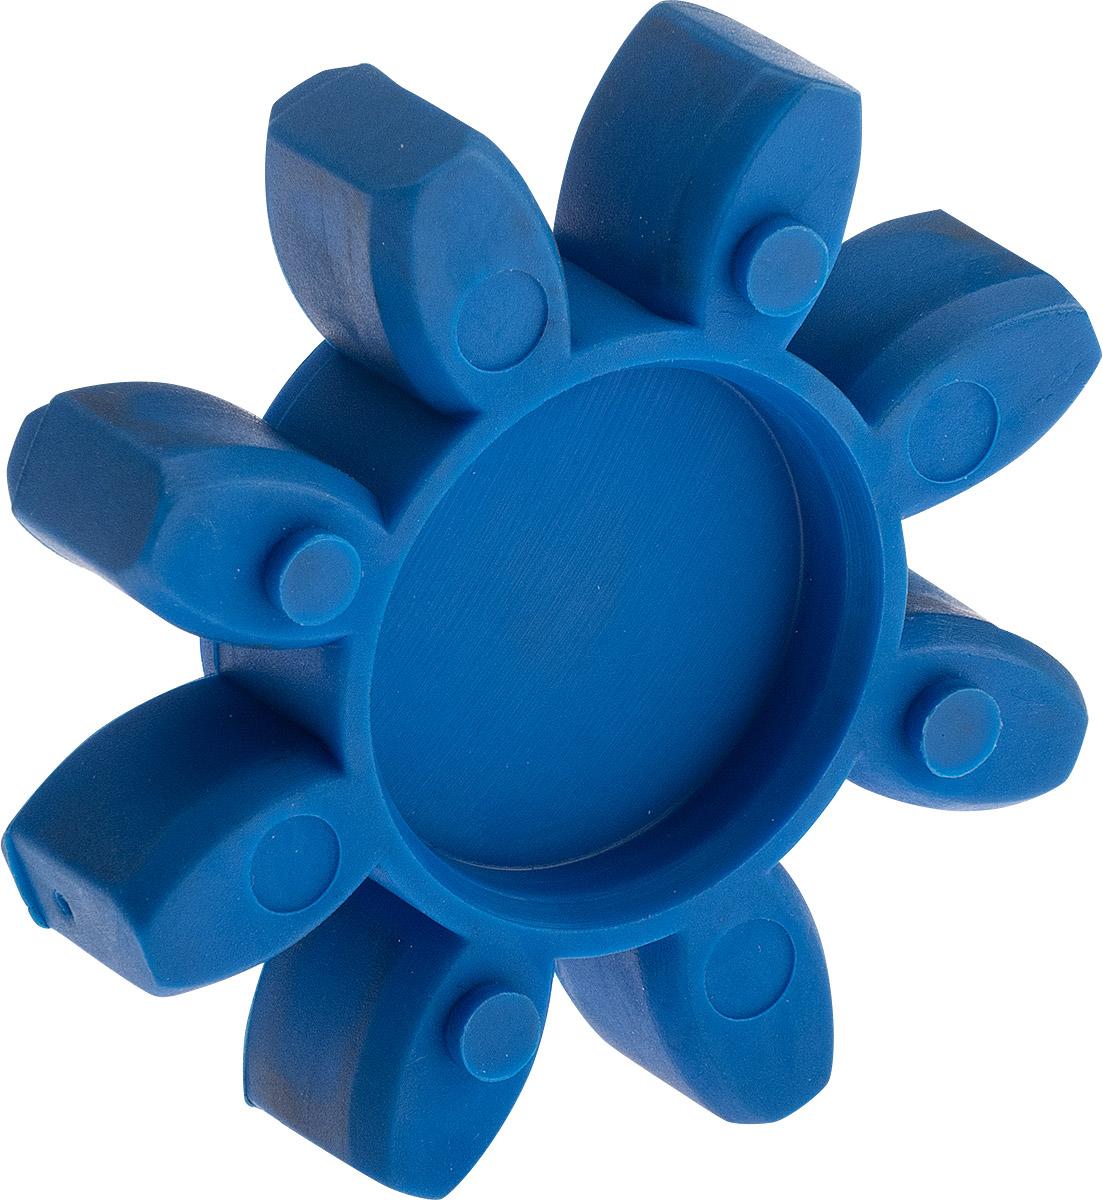 Elastomerzahnkranz spielfrei Shorehärte 80° A - blau